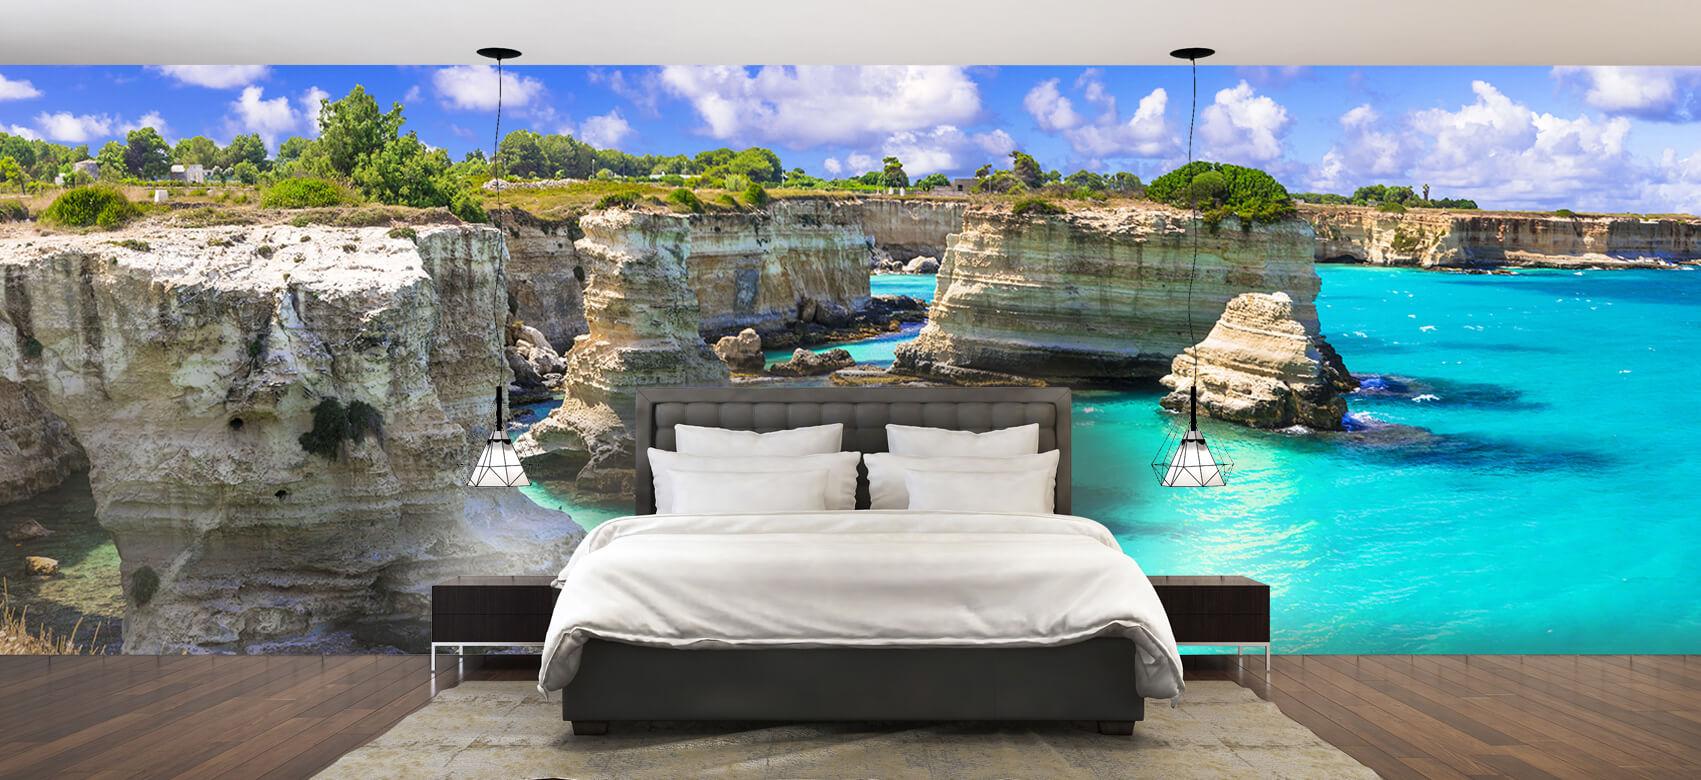 Zomer behang - Rotsformatie aan de kust - Slaapkamer 2